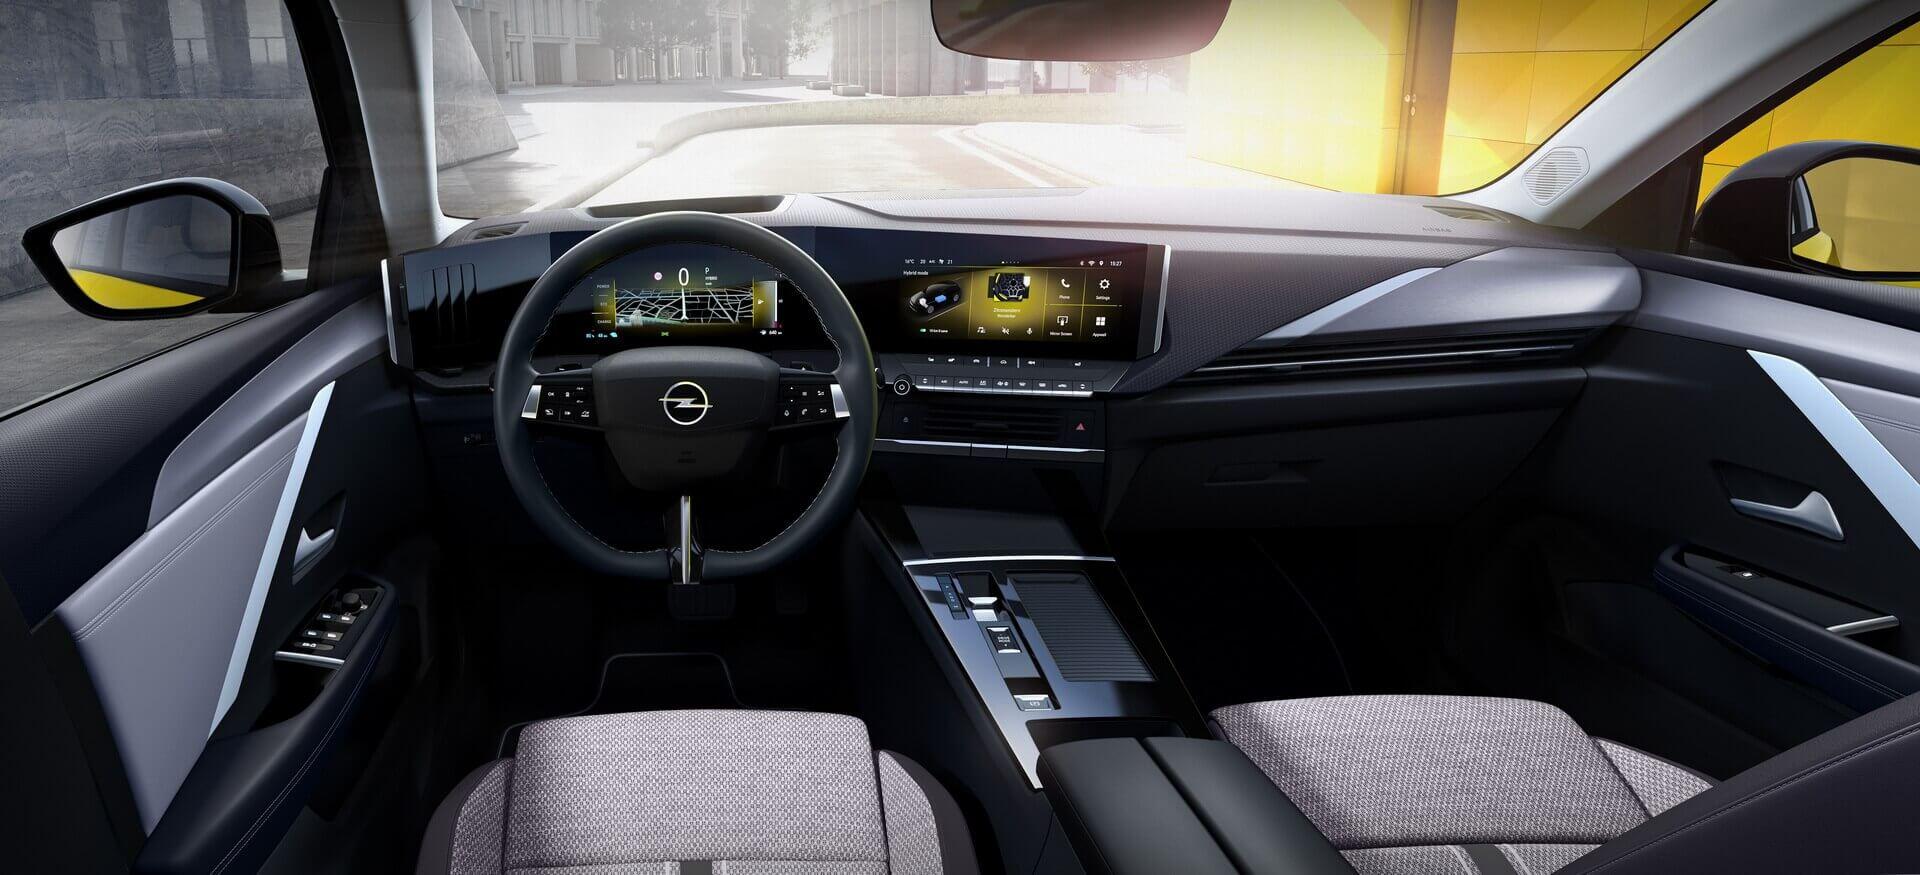 Салон Opel Astra шестого поколения